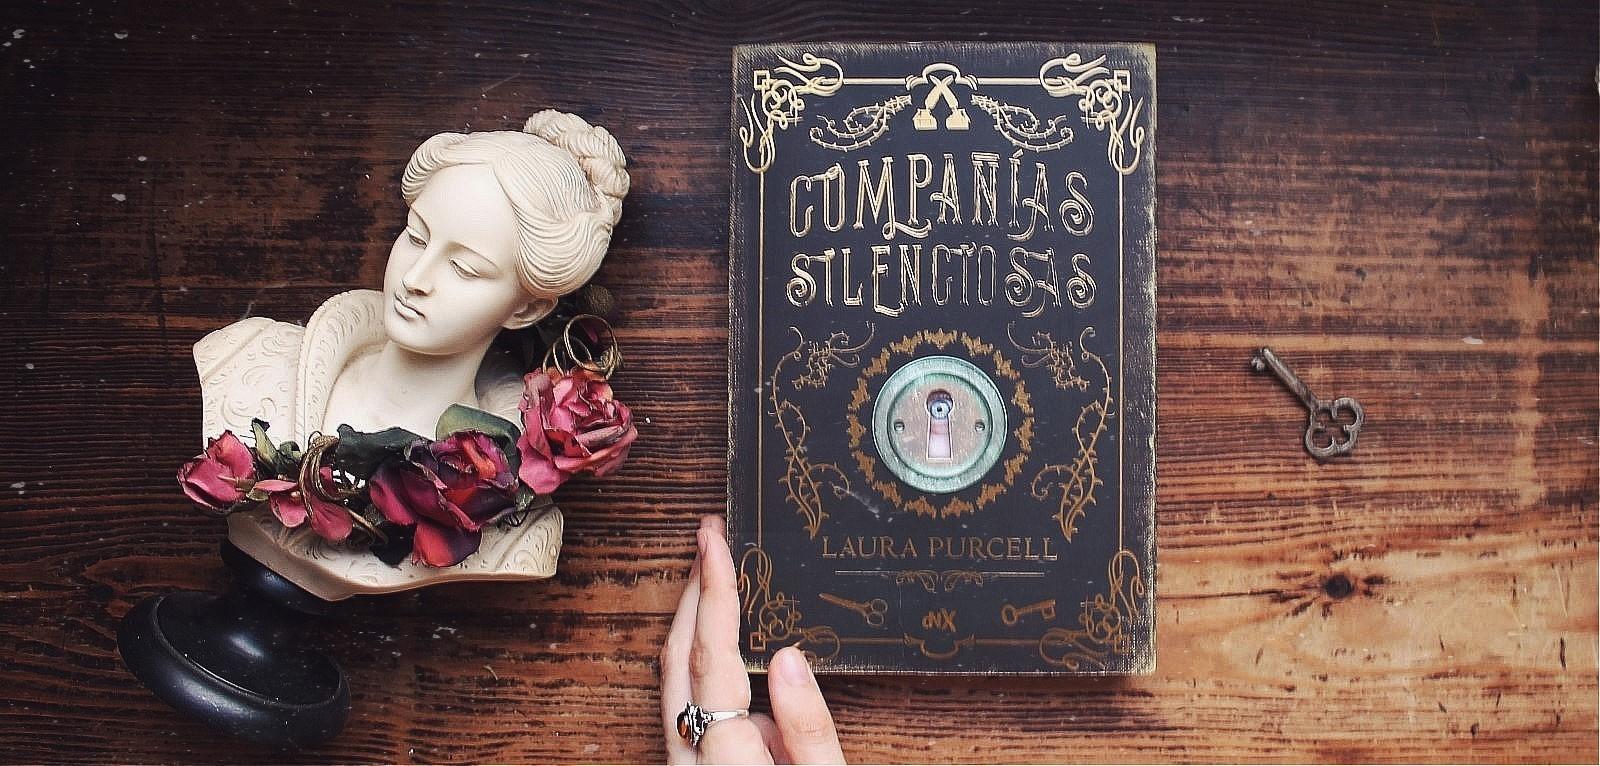 Compañías silenciosas · Laura Purcell